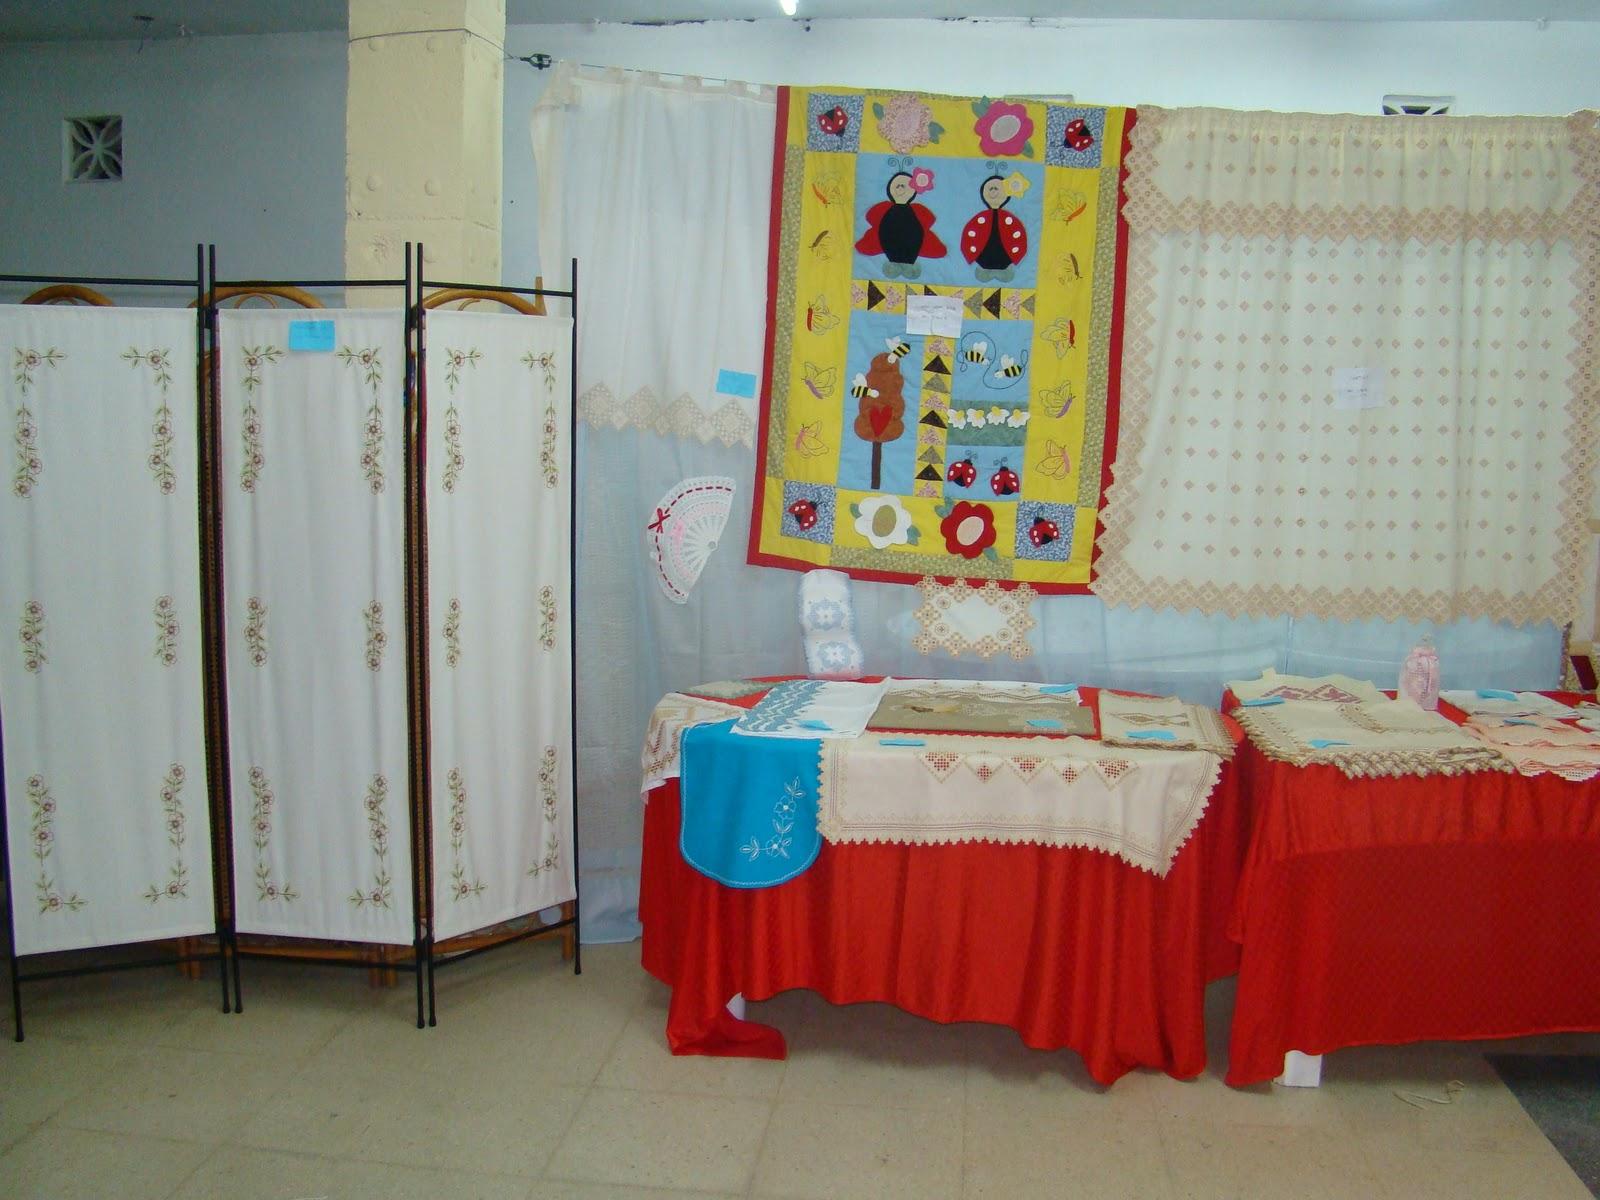 Labores artesanales exposici n de labores artesanales - Labores de casa ...